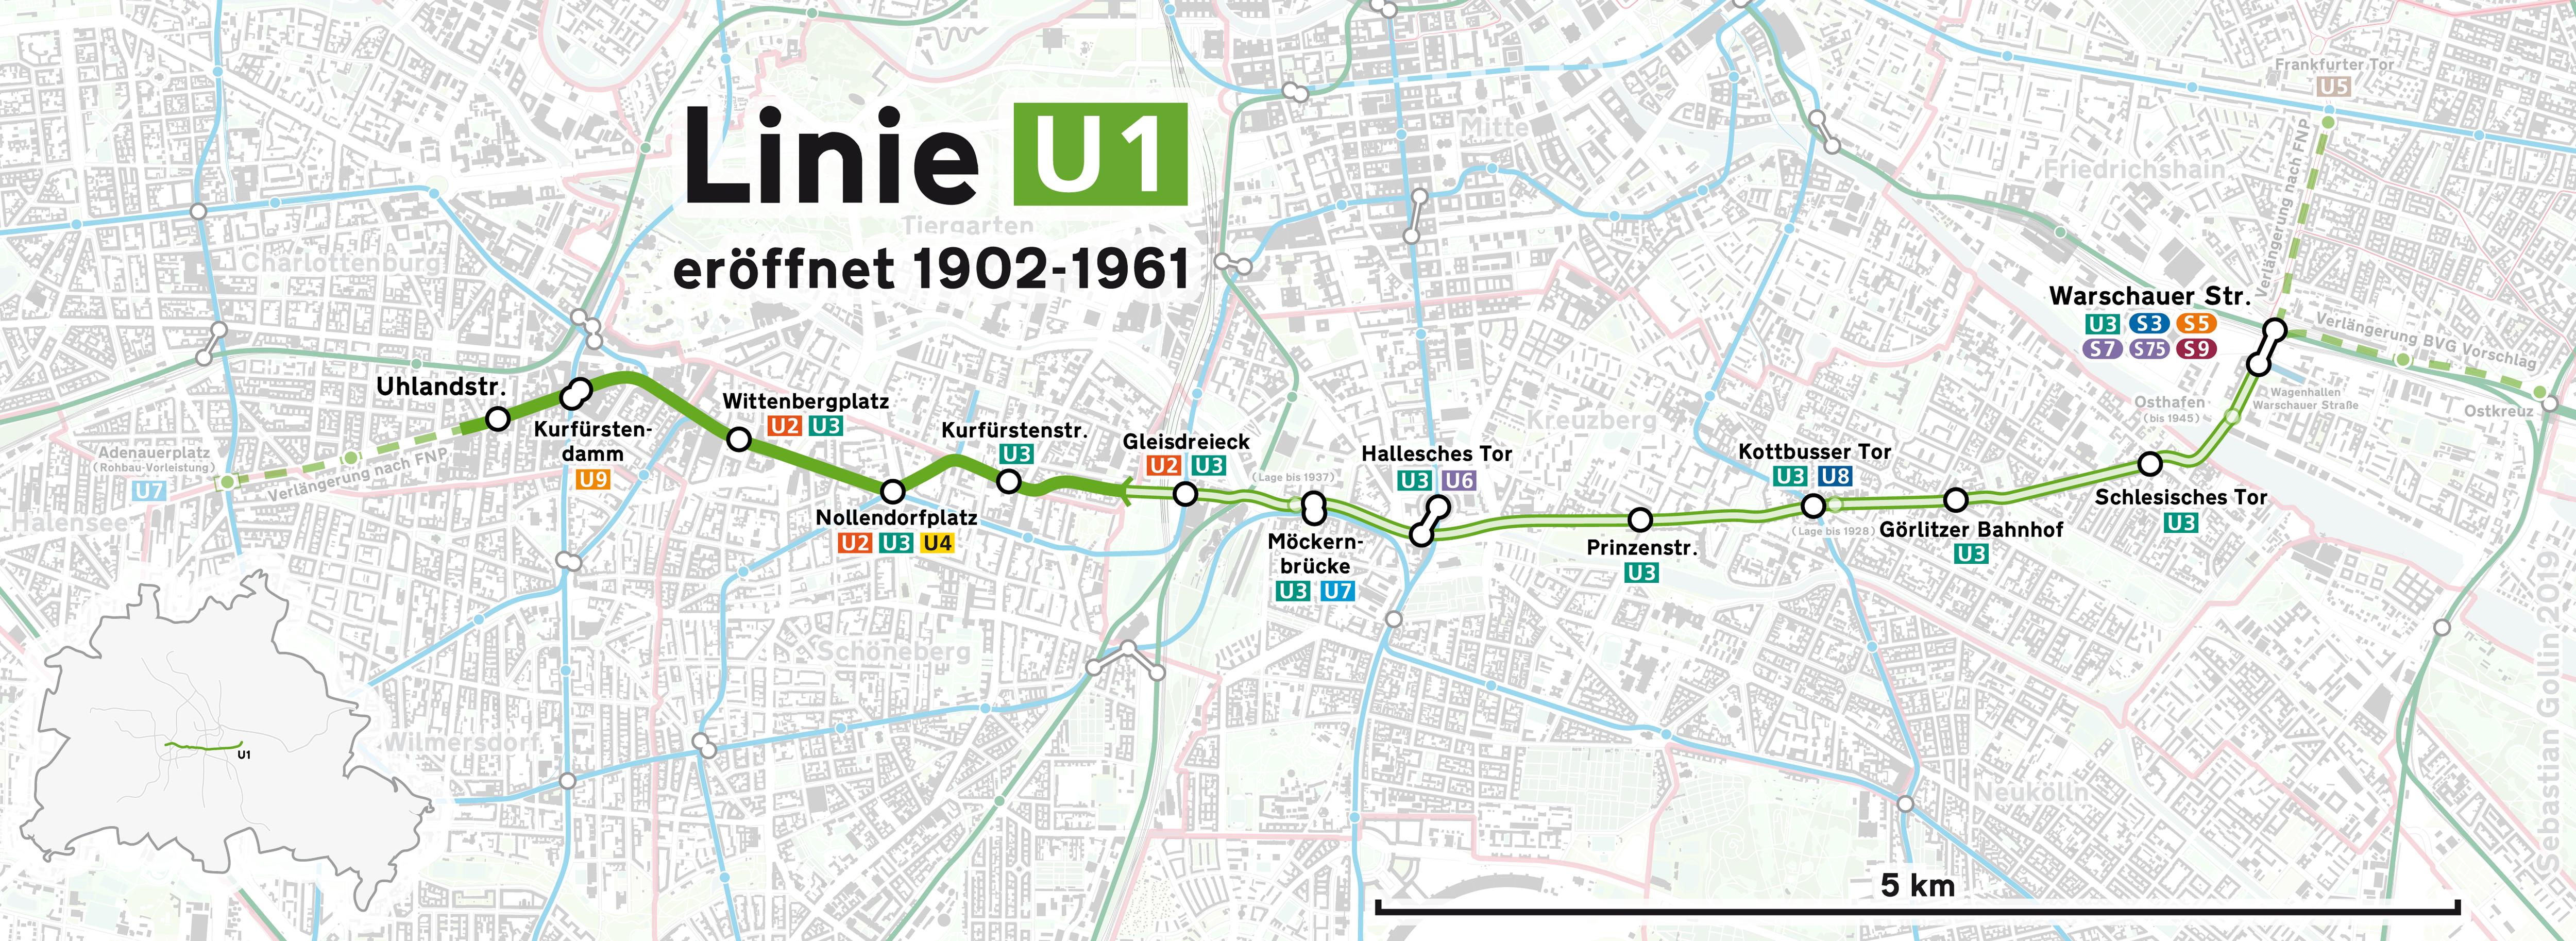 U Bahn Linie 1 Berlin Wikipedia